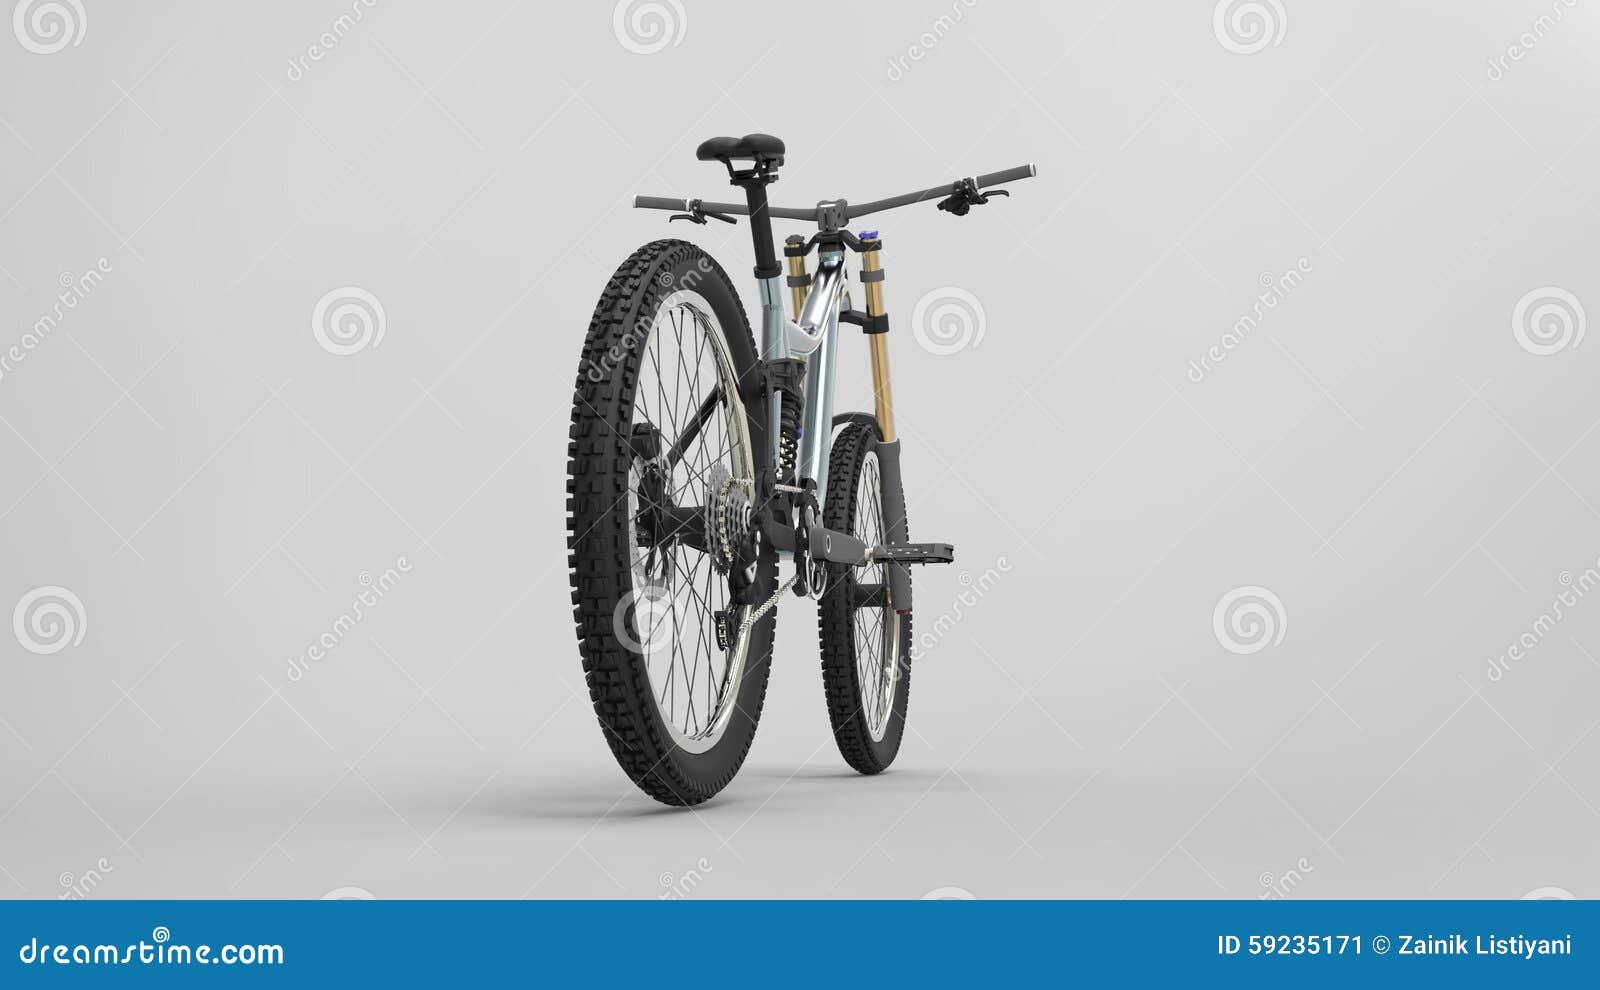 Download Bicicleta stock de ilustración. Ilustración de objeto - 59235171